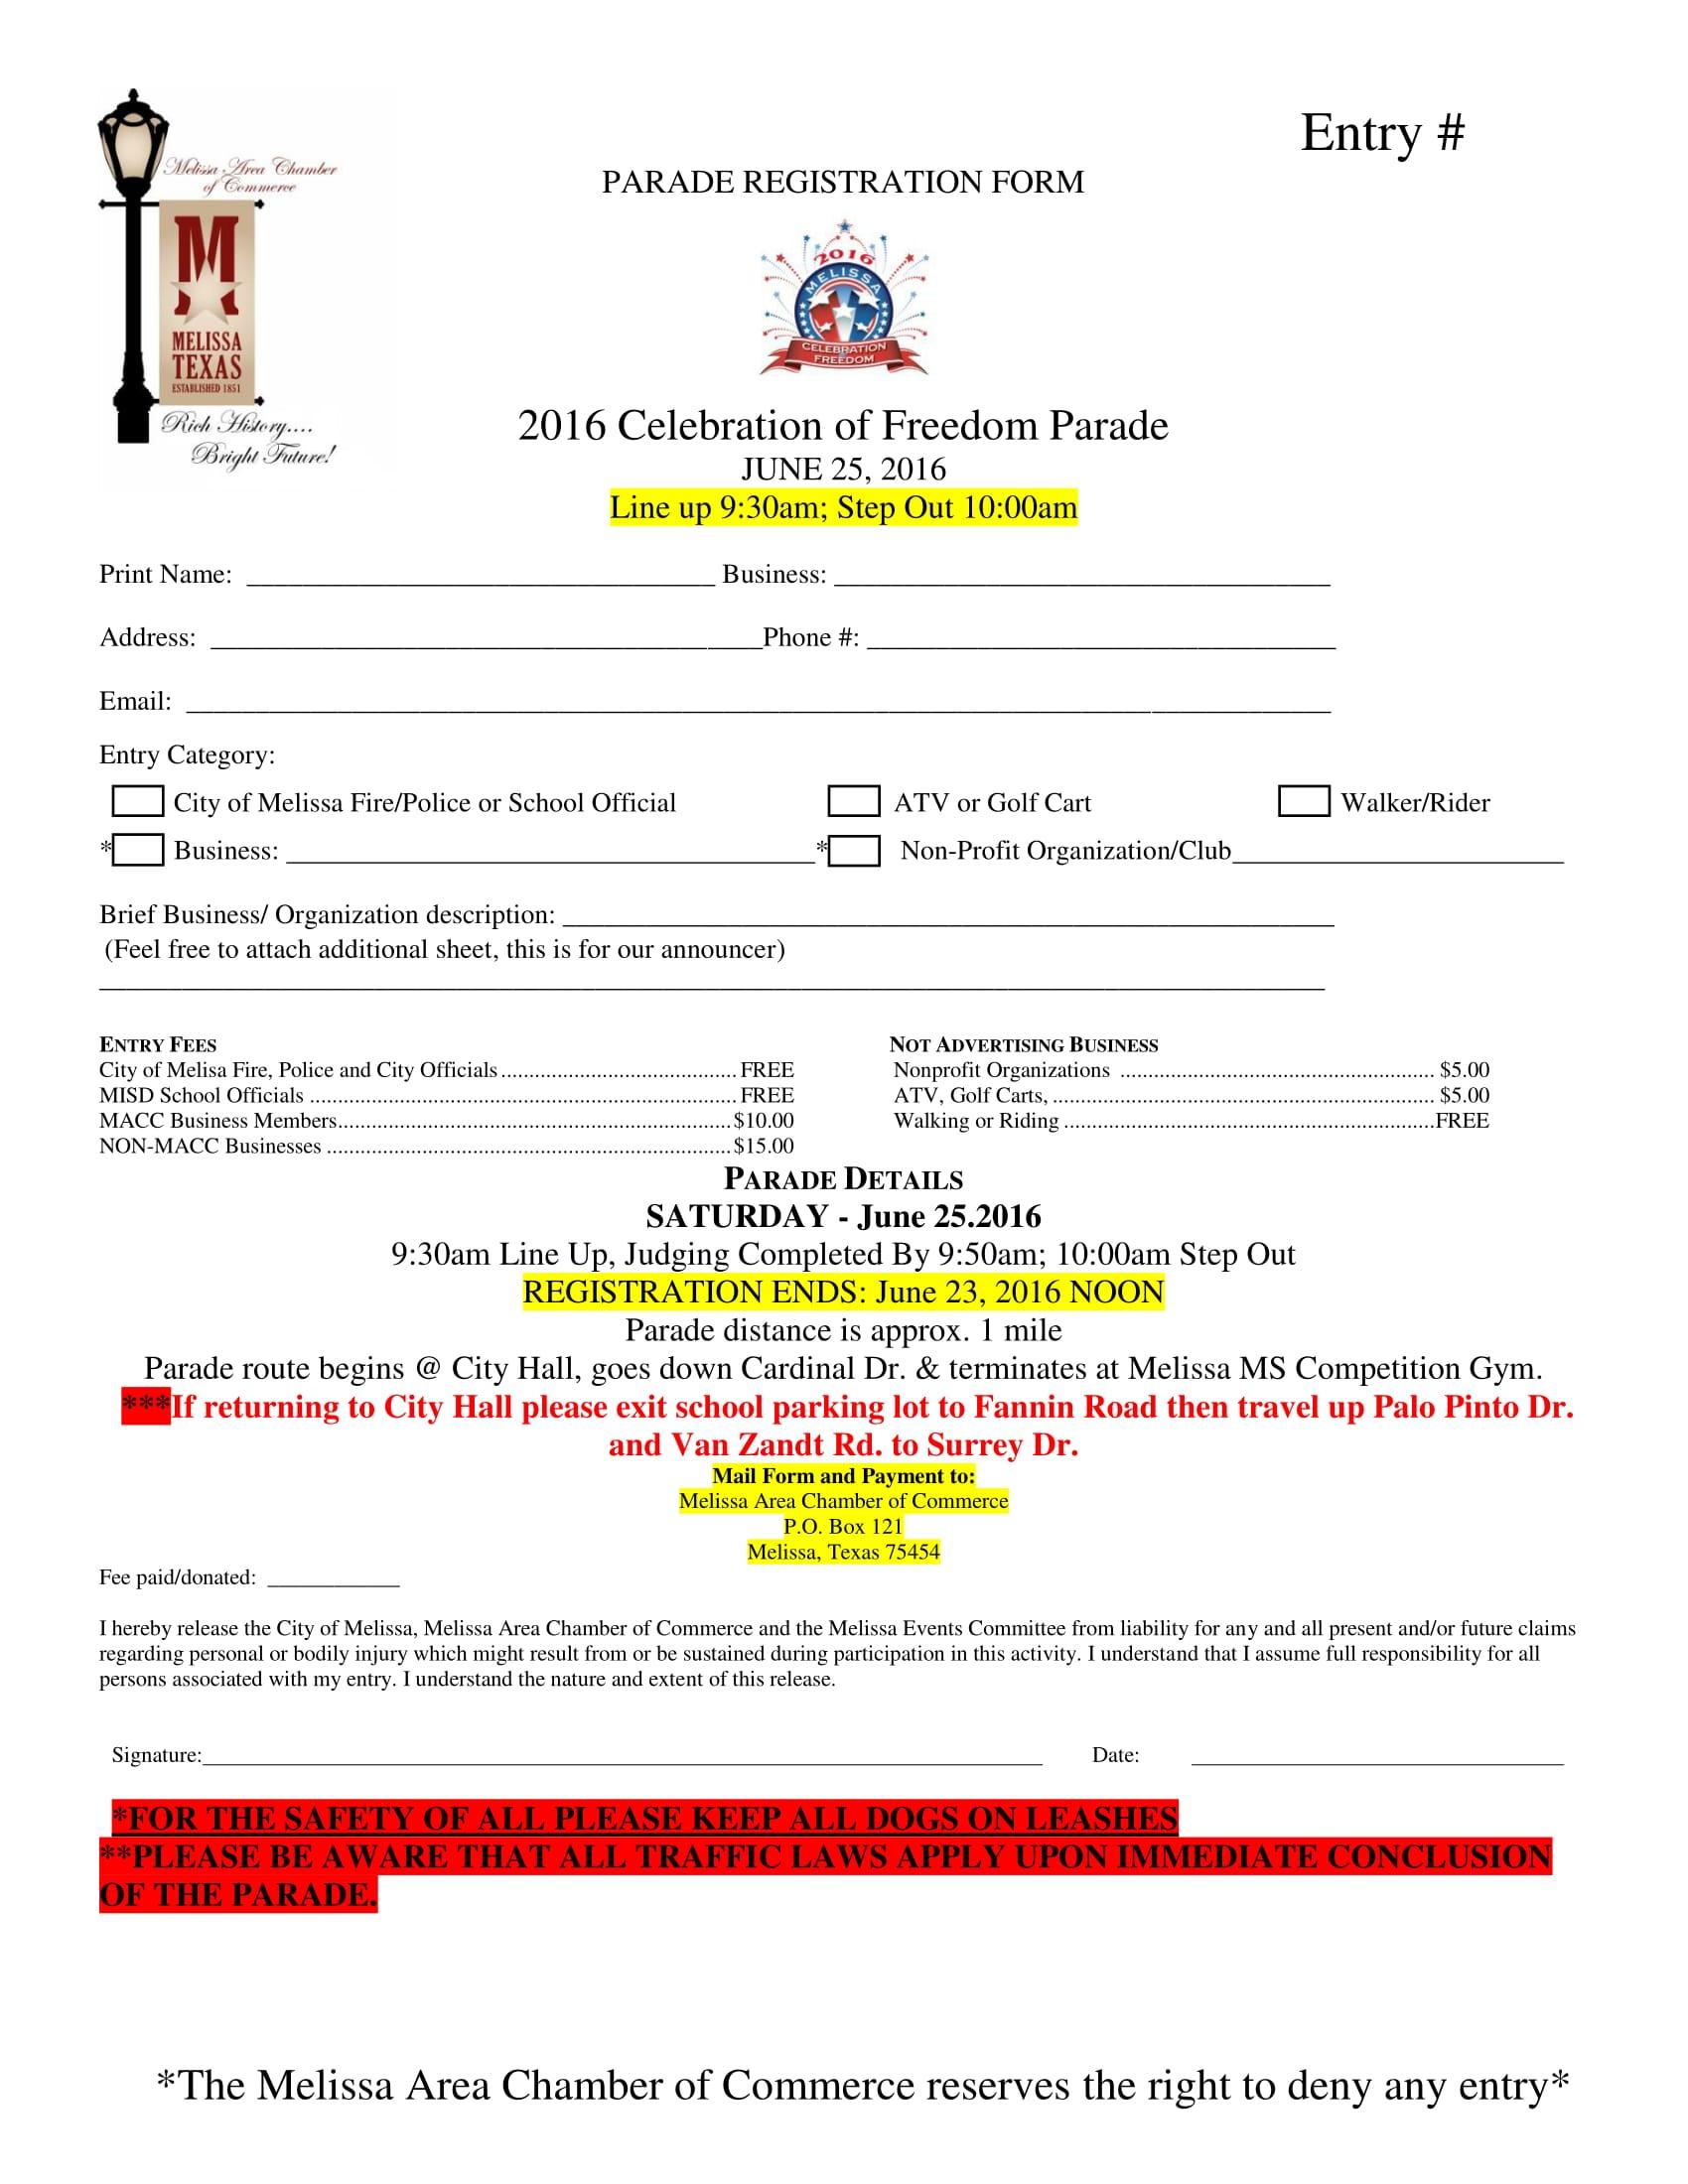 parade event registration form 1